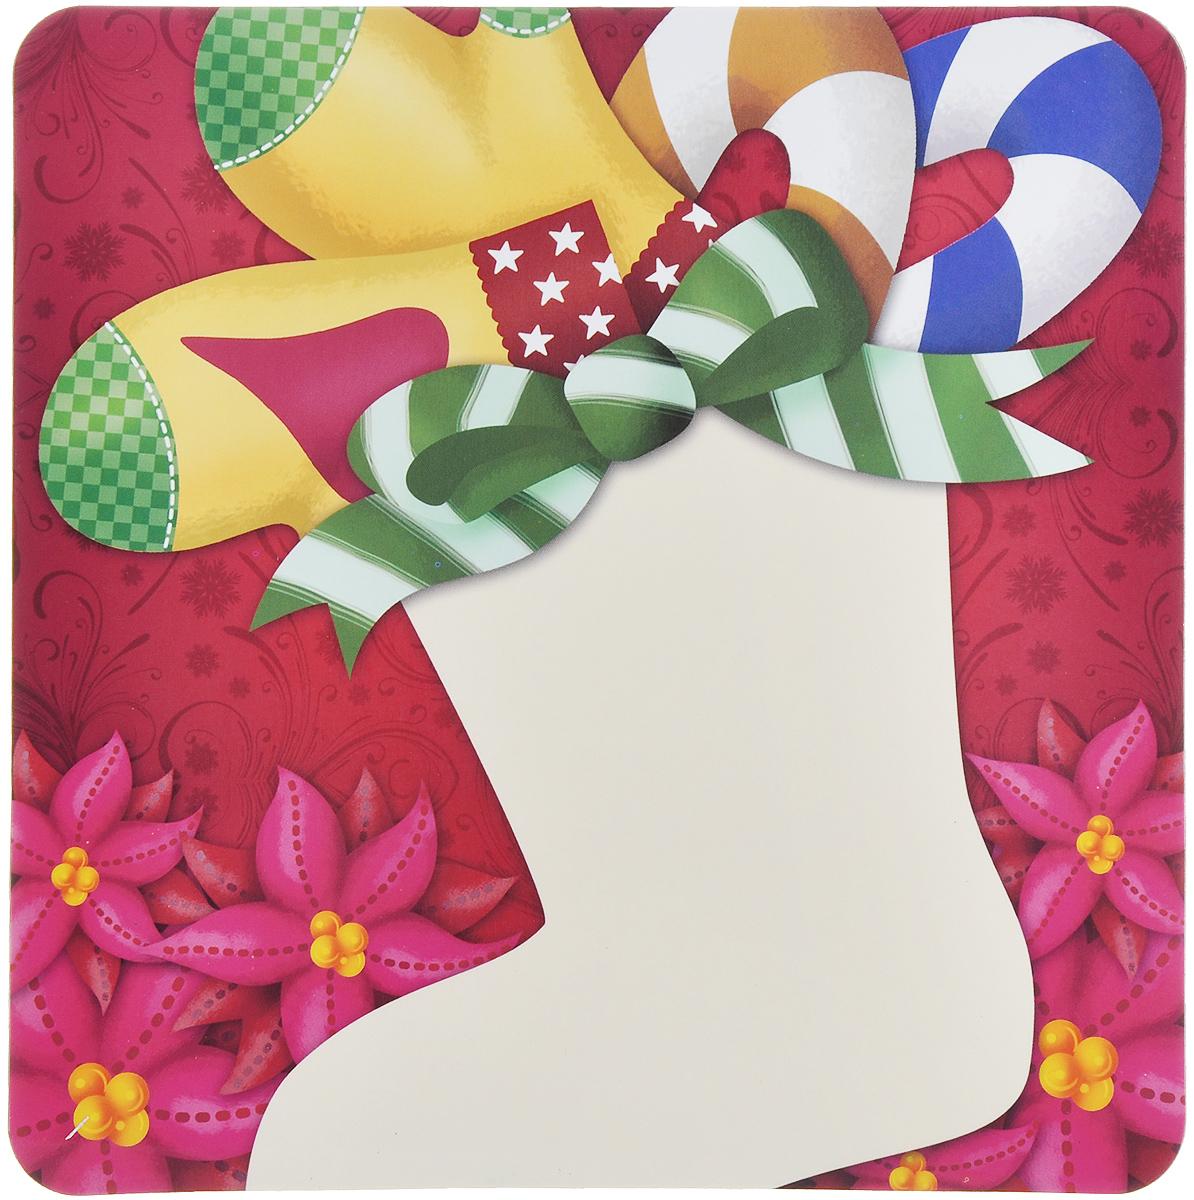 Магнит для записей Lunten Ranta Подарок. Носок для подарков, 16 см х 16 см65907_носок для подарковМагнит для записей Lunten Ranta Подарок. Носок для подарков, выполненный из ПВХ и бумаги, оформлен ярким изображением. На таком магните вы сможете написать оригинальное новогоднее поздравление и удивить ваших друзей и близких. Изделие отлично подойдет для декорирования домашнего интерьера, а так же станет приятным и необычным подарком.